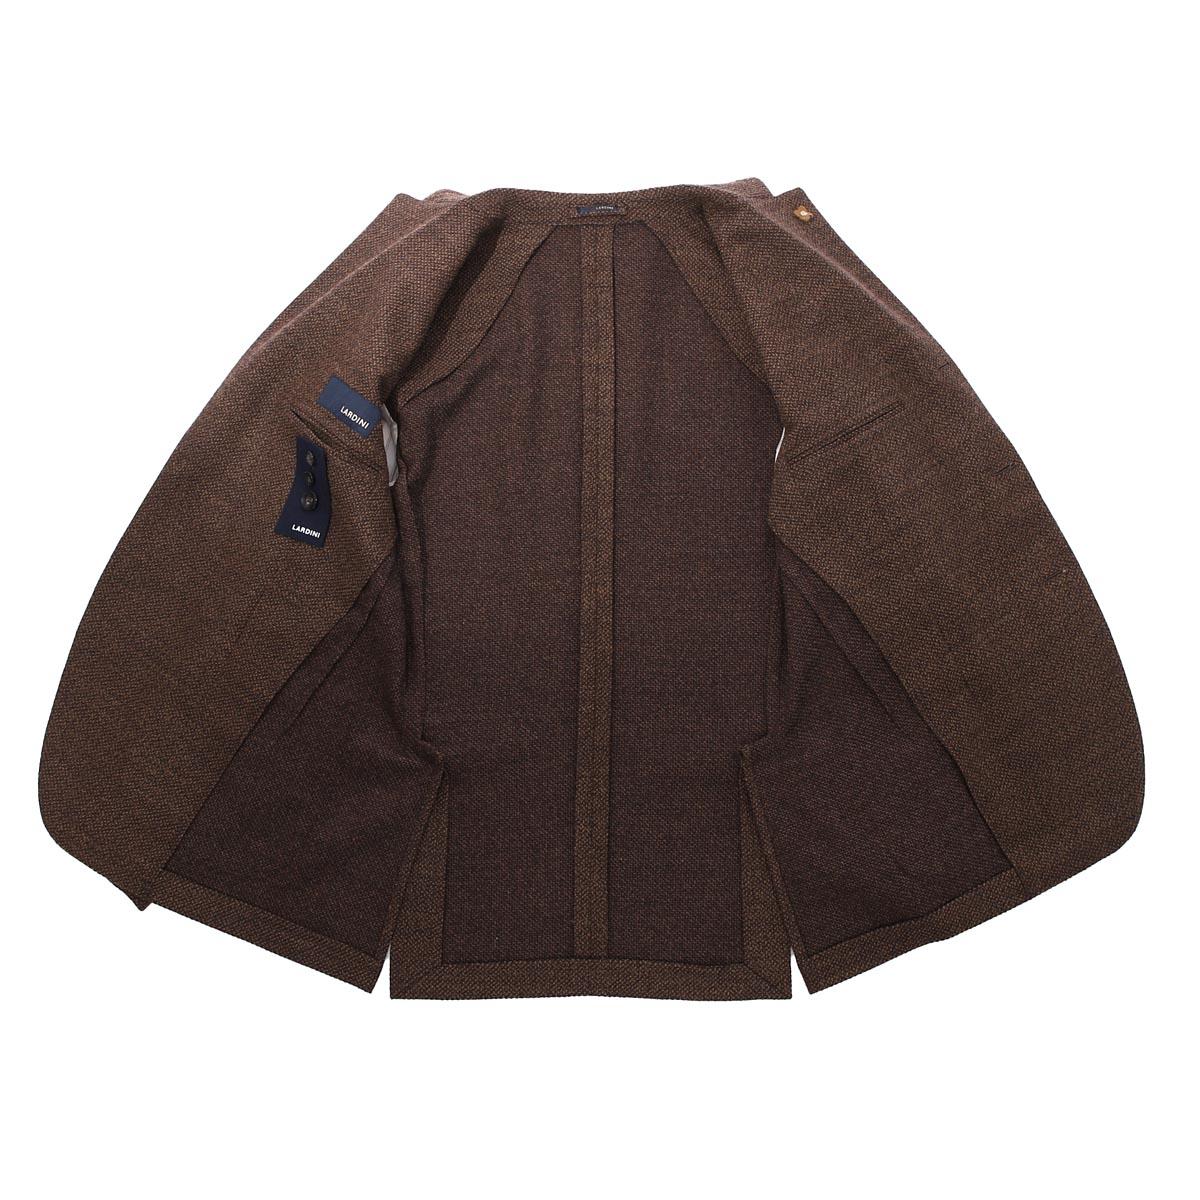 LARDINI ラルディーニ 3つボタン ジャケット/SPECIAL LINE JAPAN FIT【大きいサイズあり】 メンズ